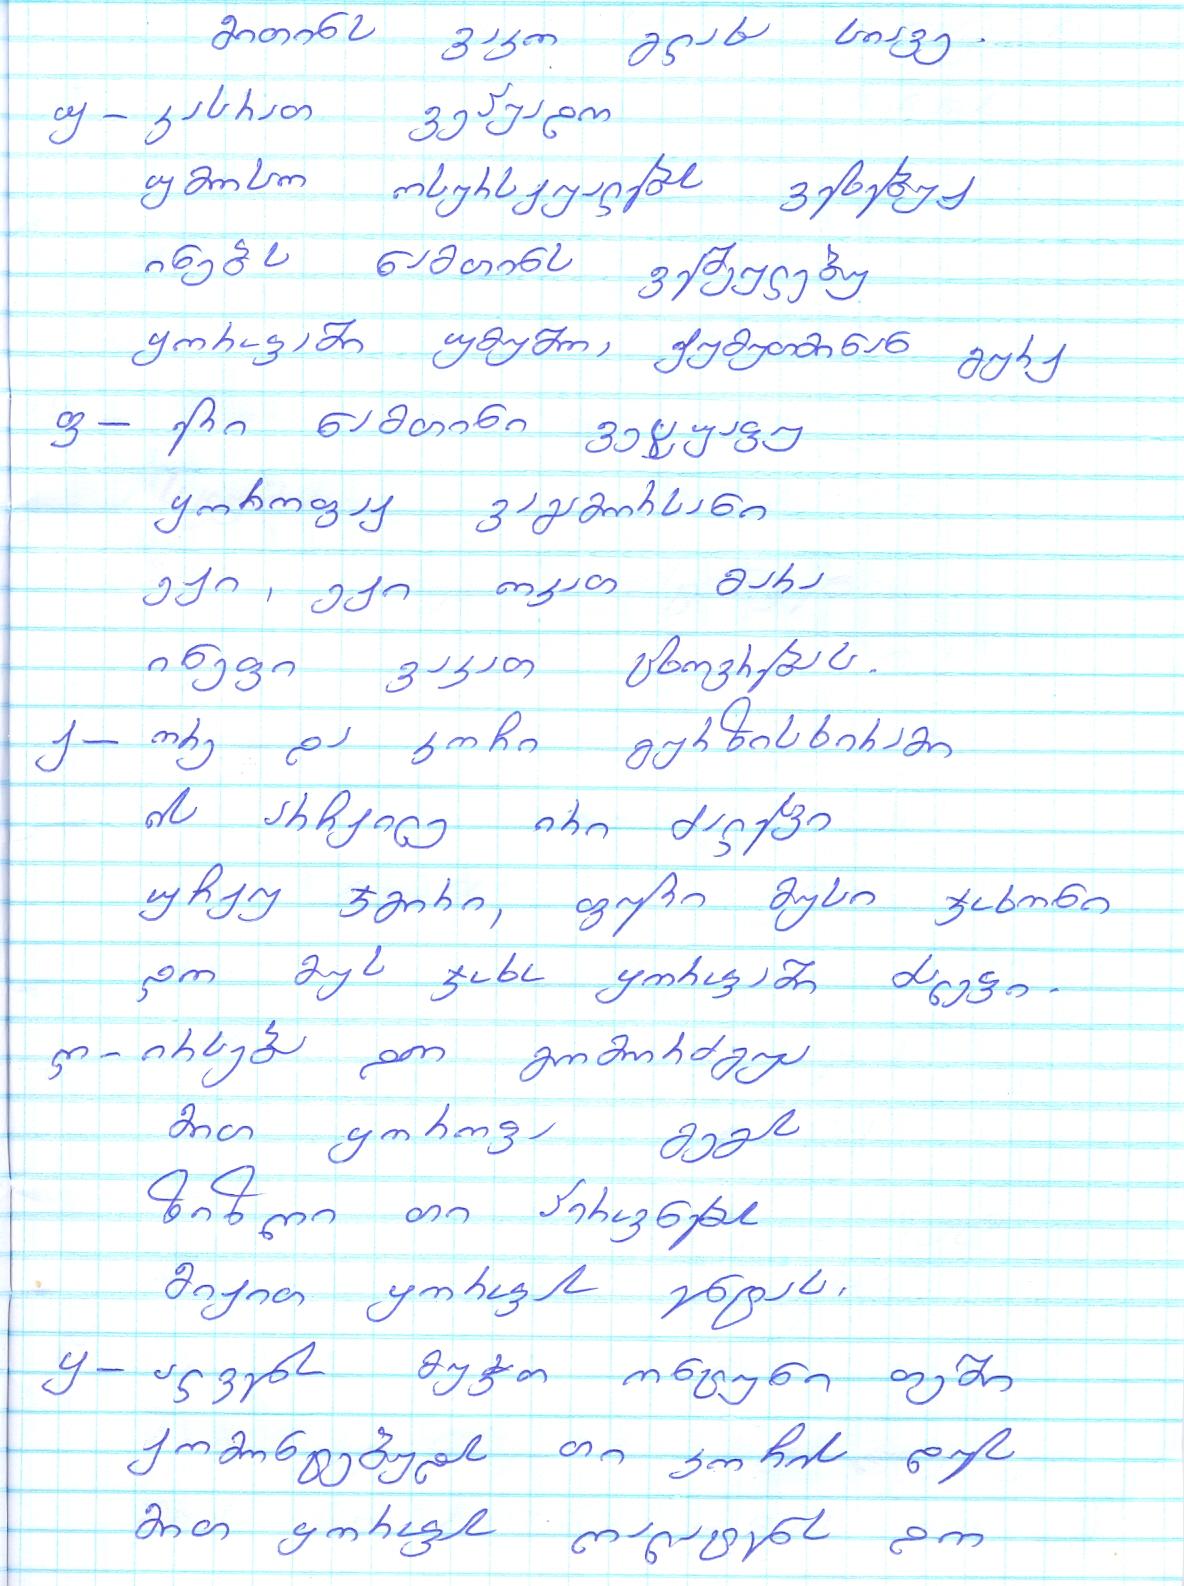 isidore0007 — Chkhorotsku,Ge